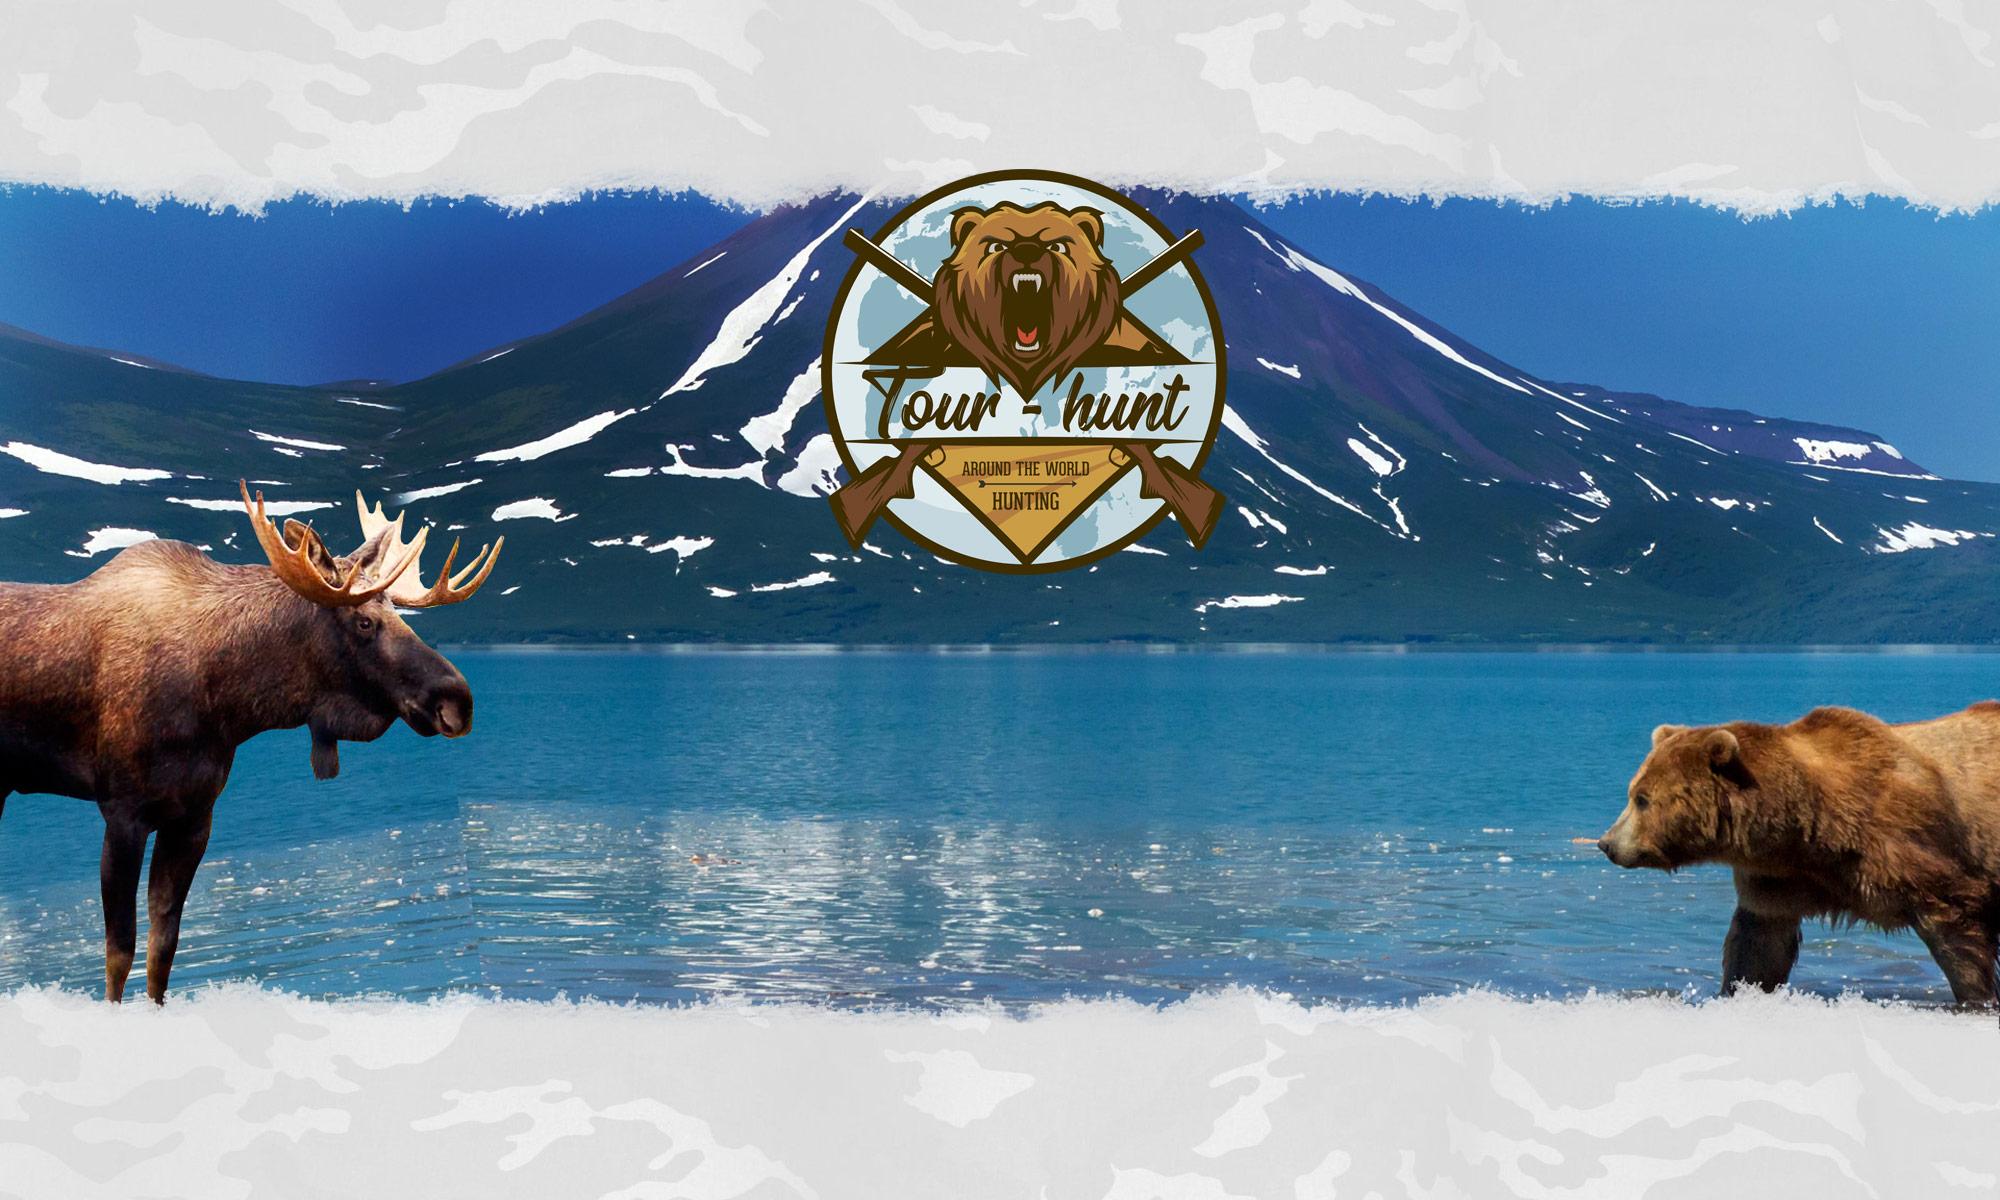 Tour Hunt